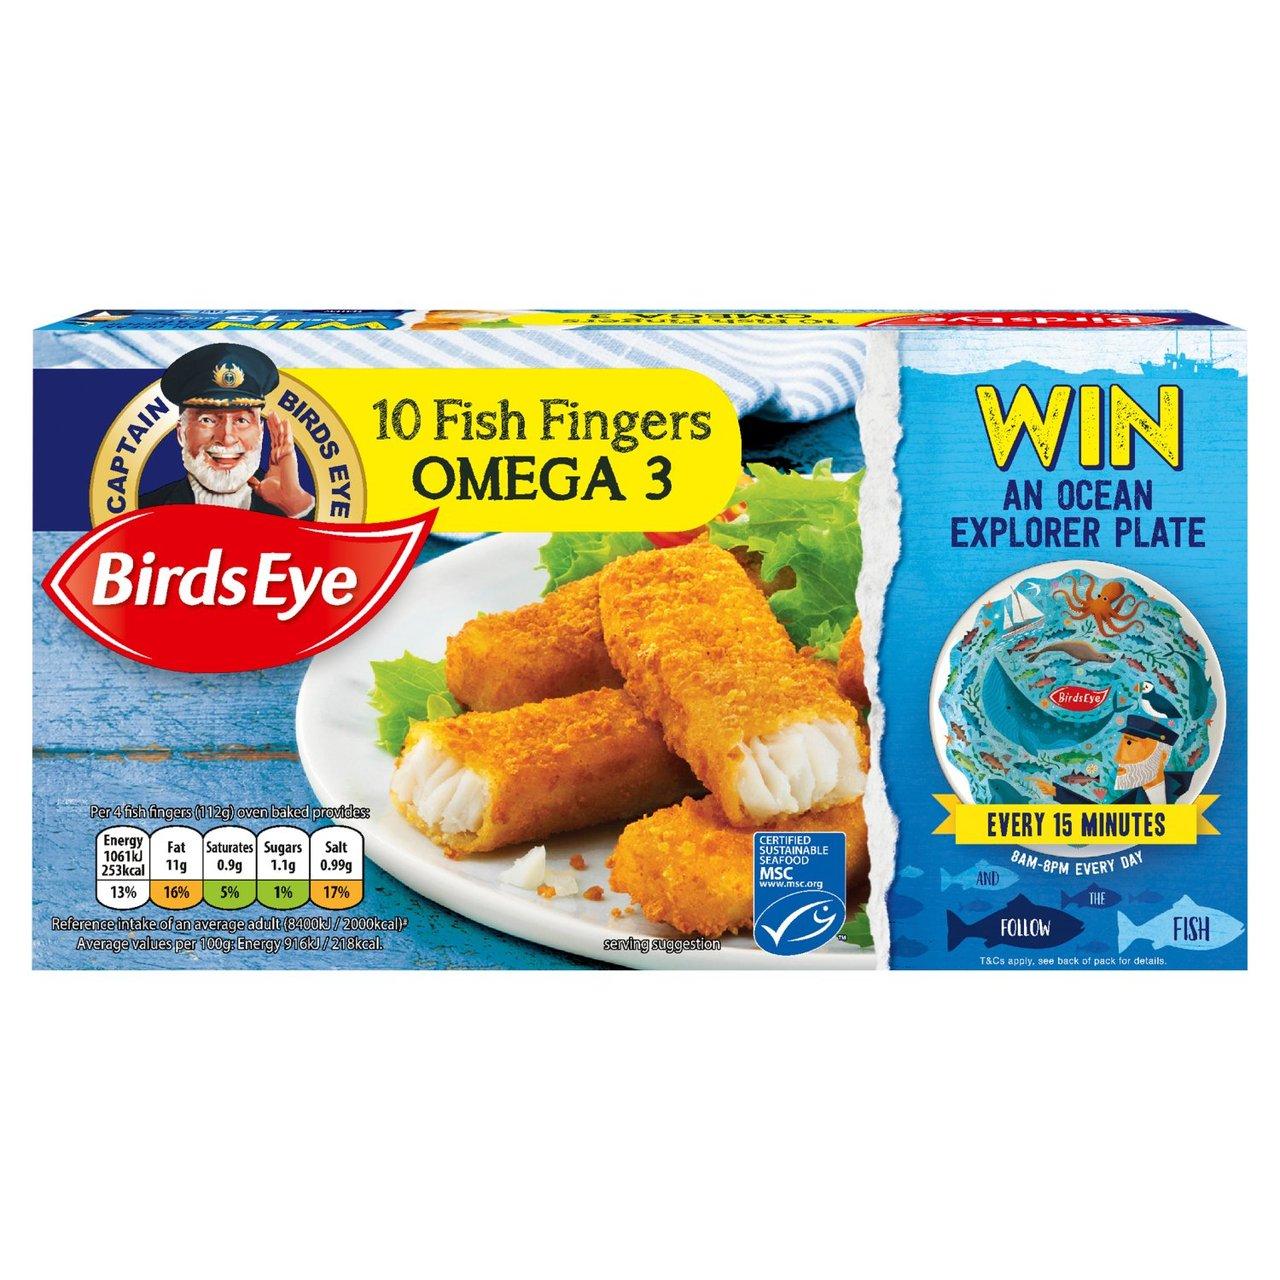 Birds Eye 10 Omega 3 Fish Fingers 280g for £1 @ Tesco